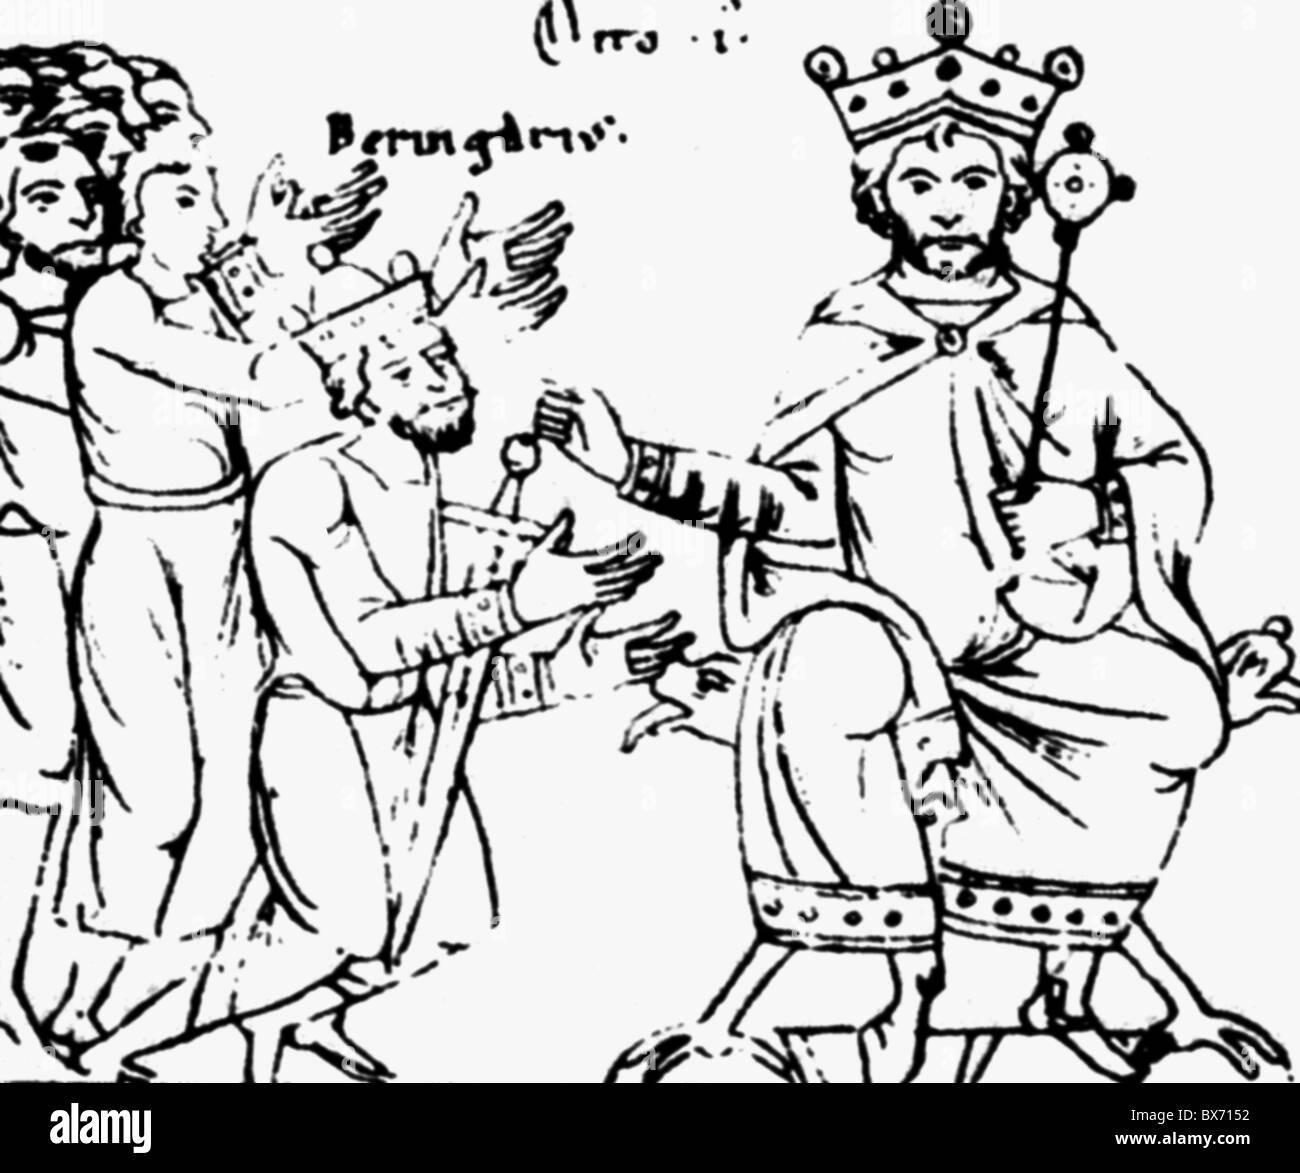 Berengar II, vers 900 - 6.8.966, roi d'Italie 950 - 961, soumettre à la roi allemand Otto Je les 'grandes', Photo Stock